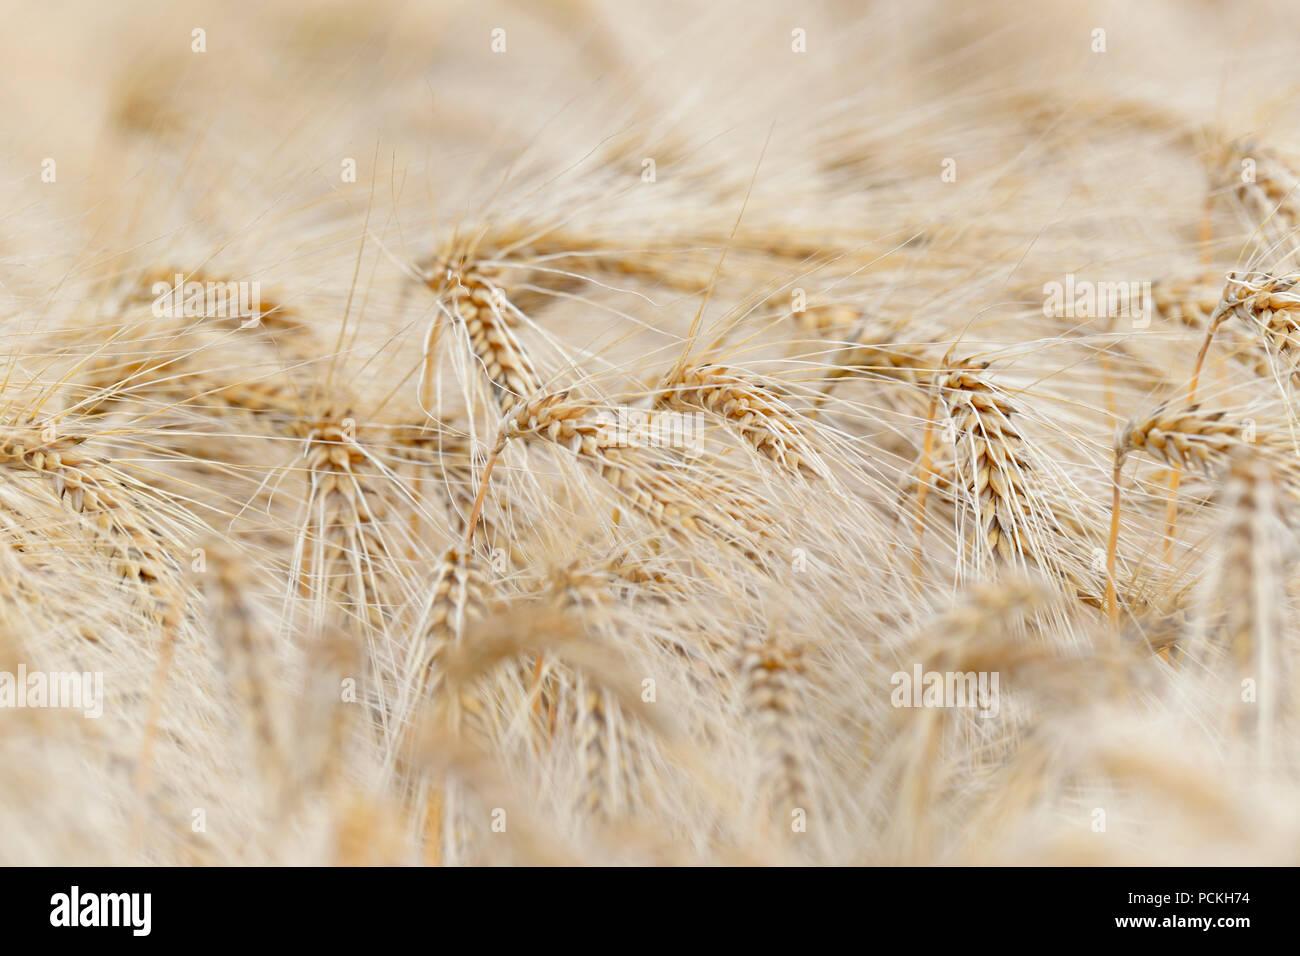 Barley (Hordeum vulgare), ears of corn in detail, North Rhine-Westphalia, Germany - Stock Image